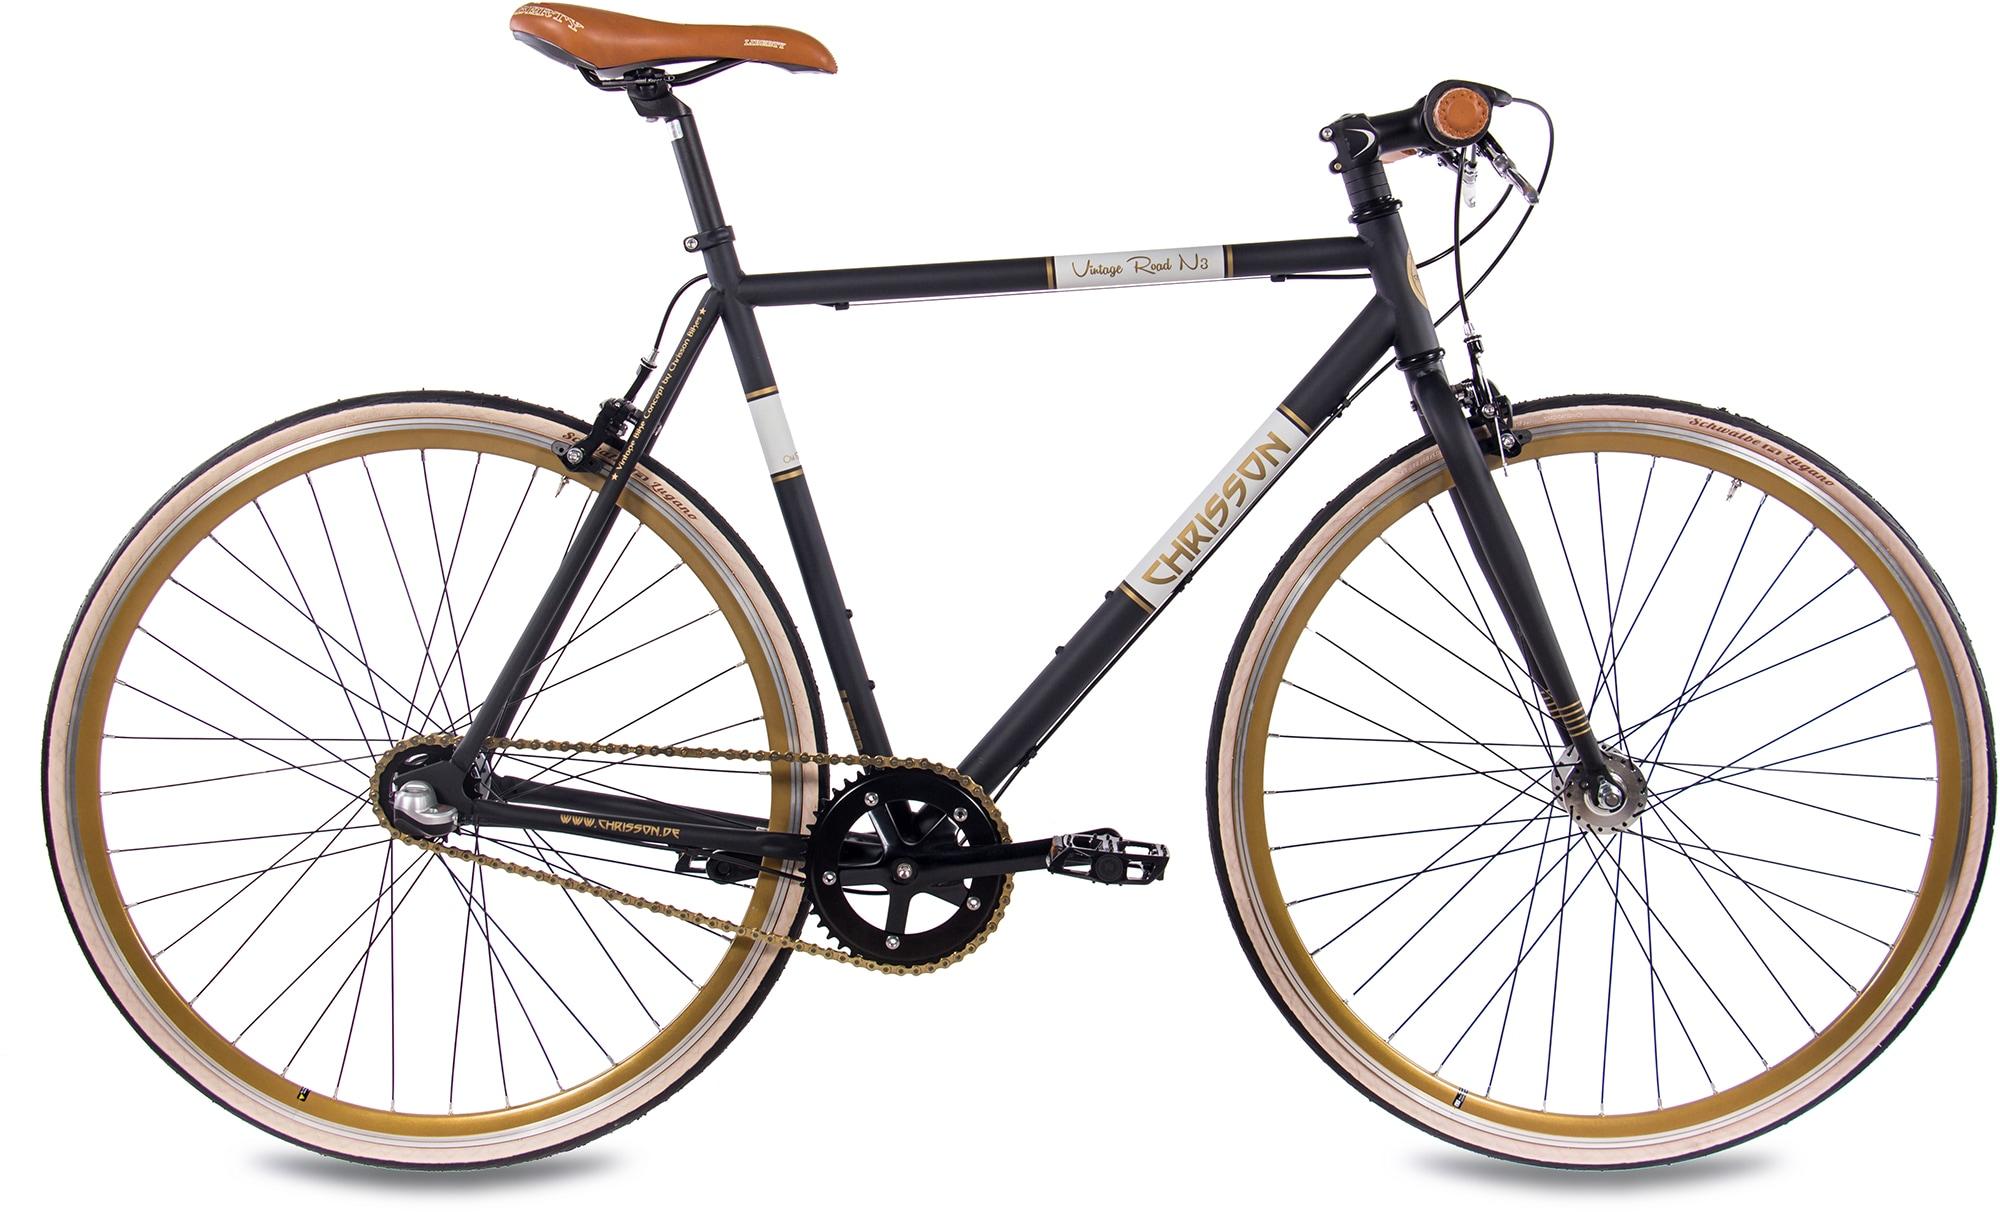 Chrisson Urbanbike Vintage Road N3, Nabenschaltung, (1 tlg.) schwarz Crossräder Fahrräder Zubehör Fahrrad